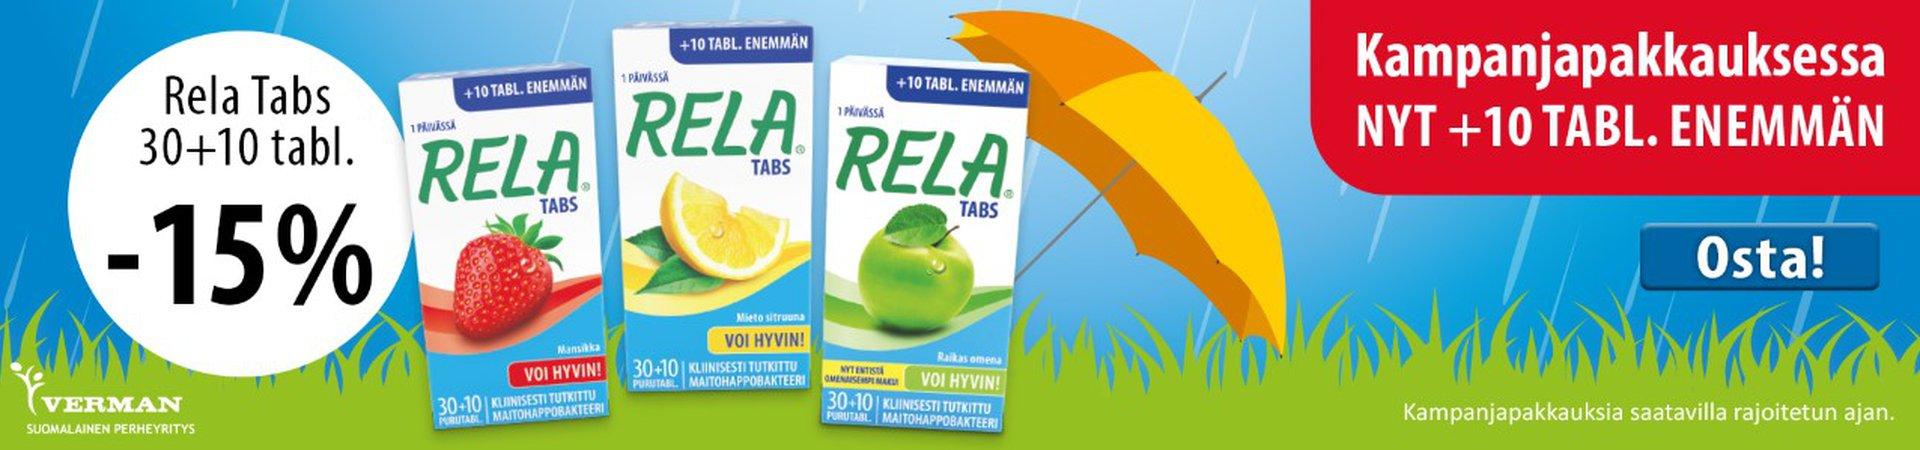 Rela Tabs 30 + 10 huhtikuu 2019